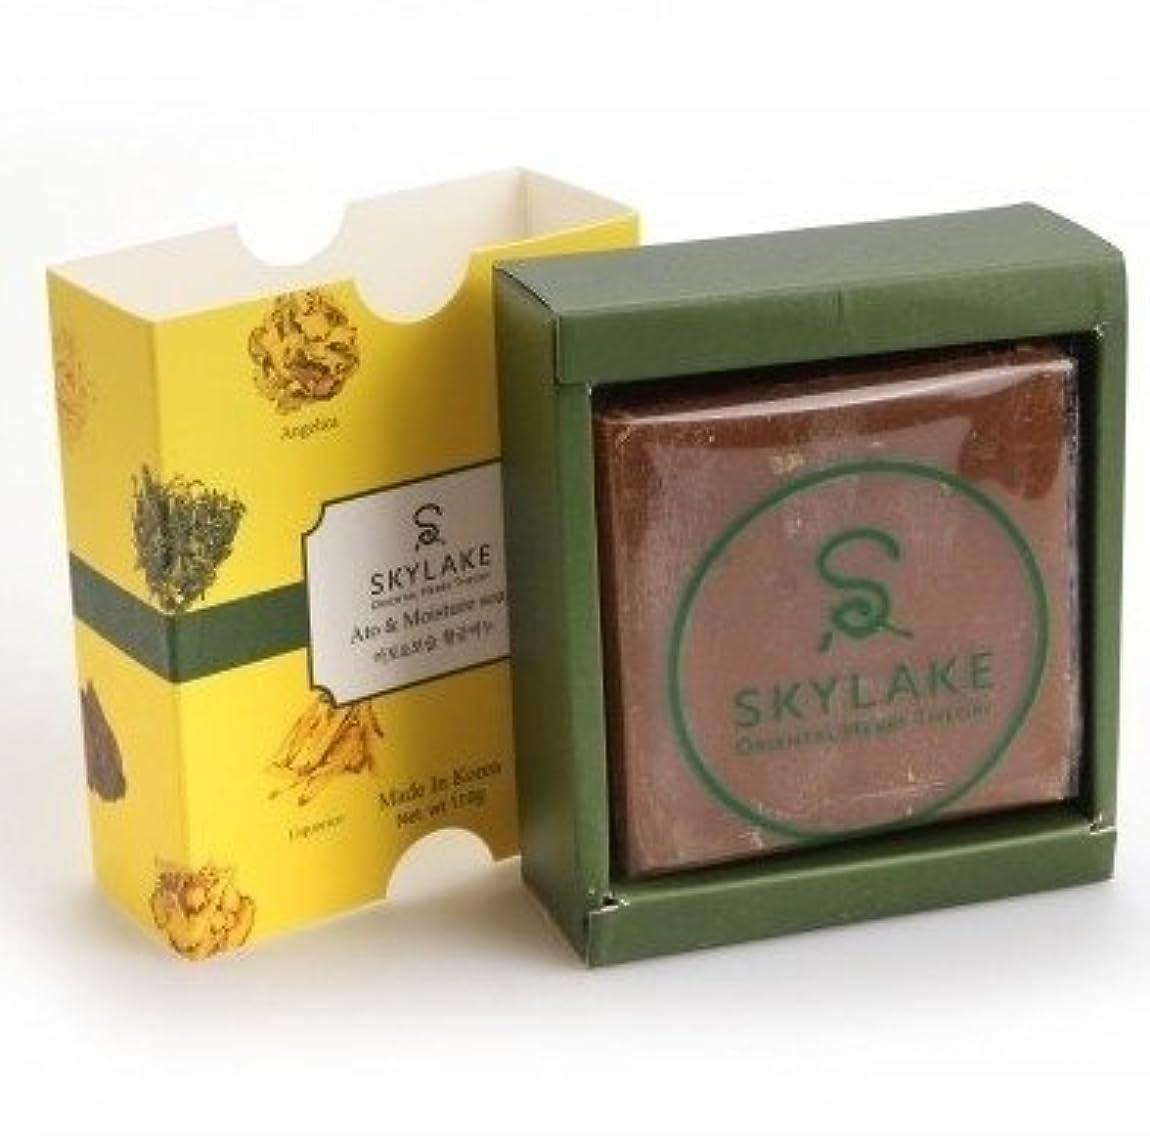 脱走インカ帝国革命[1+1]ハヌルホス[Skylake] 漢方アロマ石鹸Oriental Herbs Theory Soap (アト?保湿用)